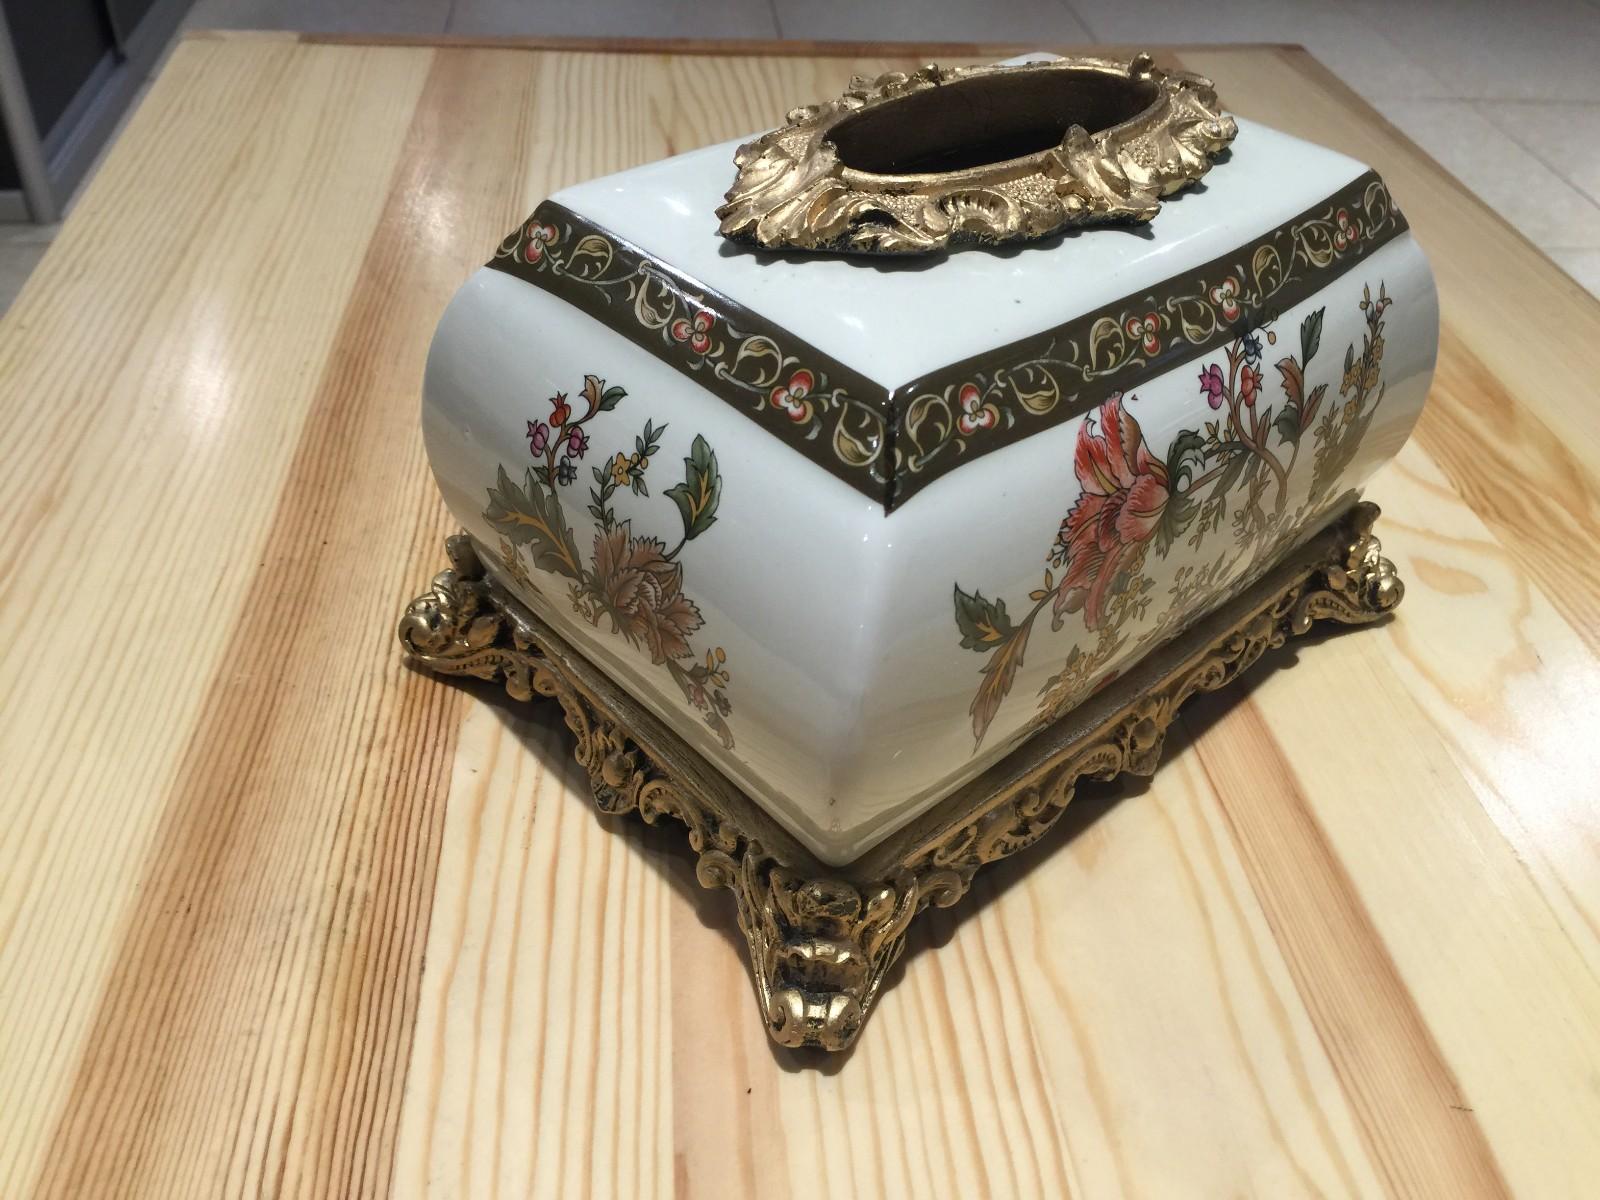 俄罗斯牙瓷纸巾盒 收纳盒 装饰摆件 批发 团购图片七